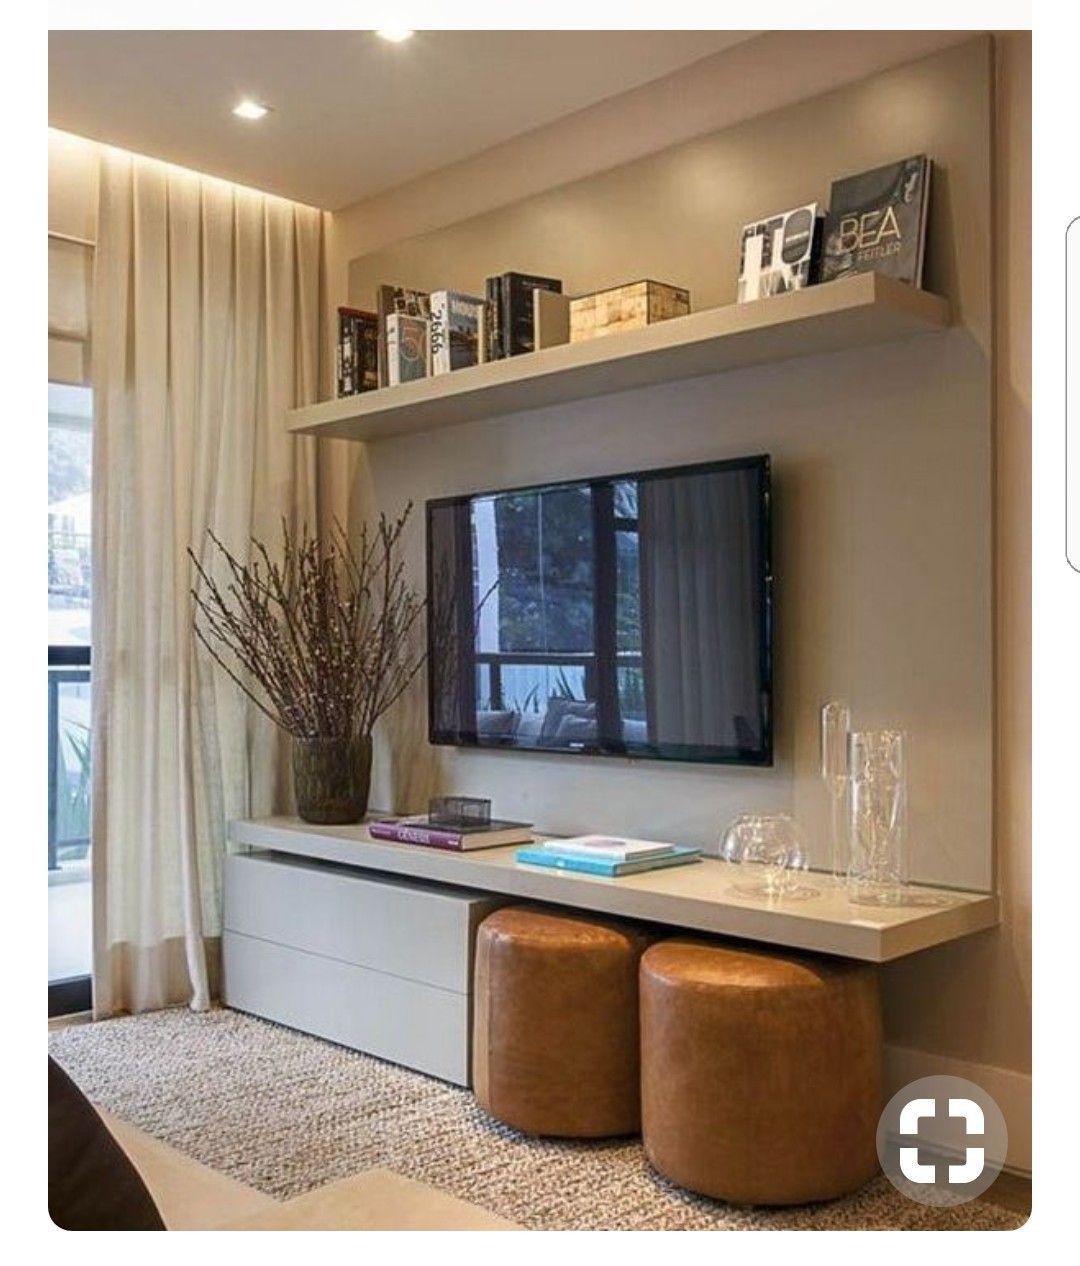 Movel Para Tv Puffs E Armario Baixo Com Rodinhas Small Living Rooms Home And Living Home Living Room #puffs #for #living #room